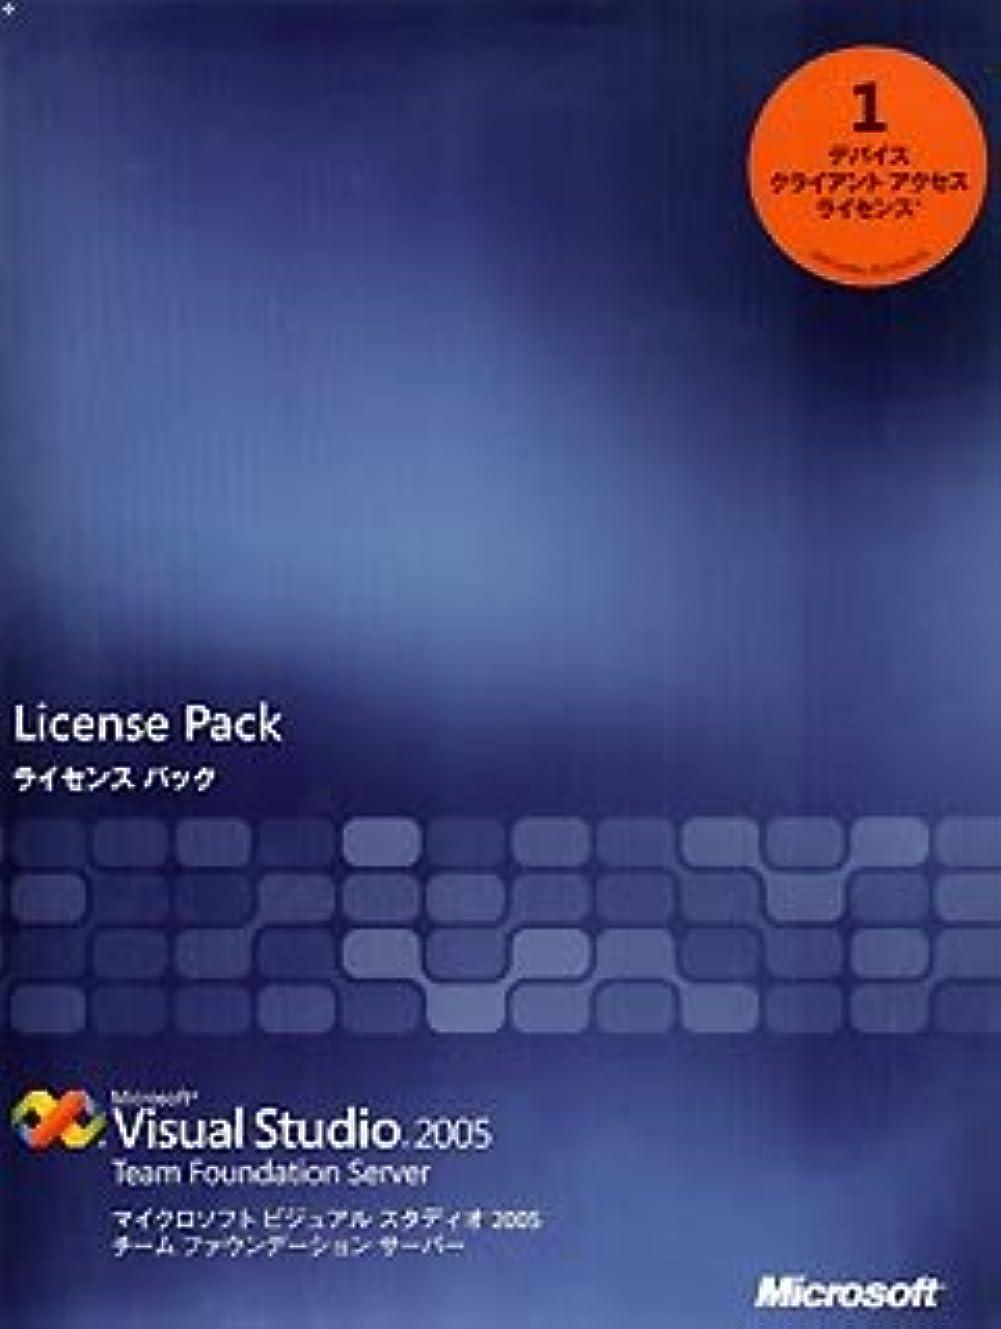 リスク線形歌うMicrosoft Visual Studio 2005 Team Foundation Server 日本語版 1デバイス クライアント アクセス ライセンス